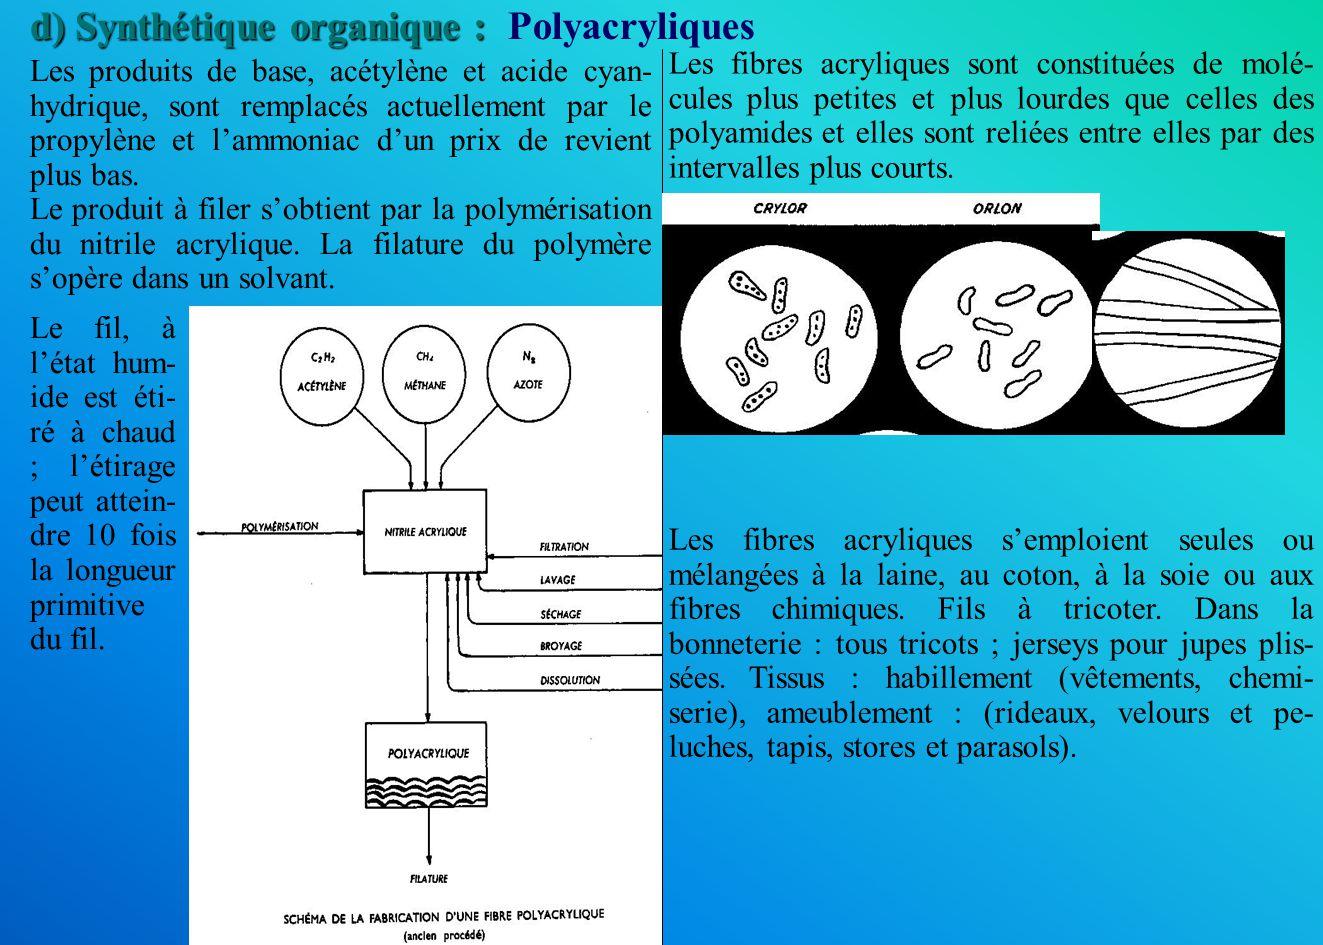 d) Synthétique organique : Polyacryliques Les produits de base, acétylène et acide cyan- hydrique, sont remplacés actuellement par le propylène et lam